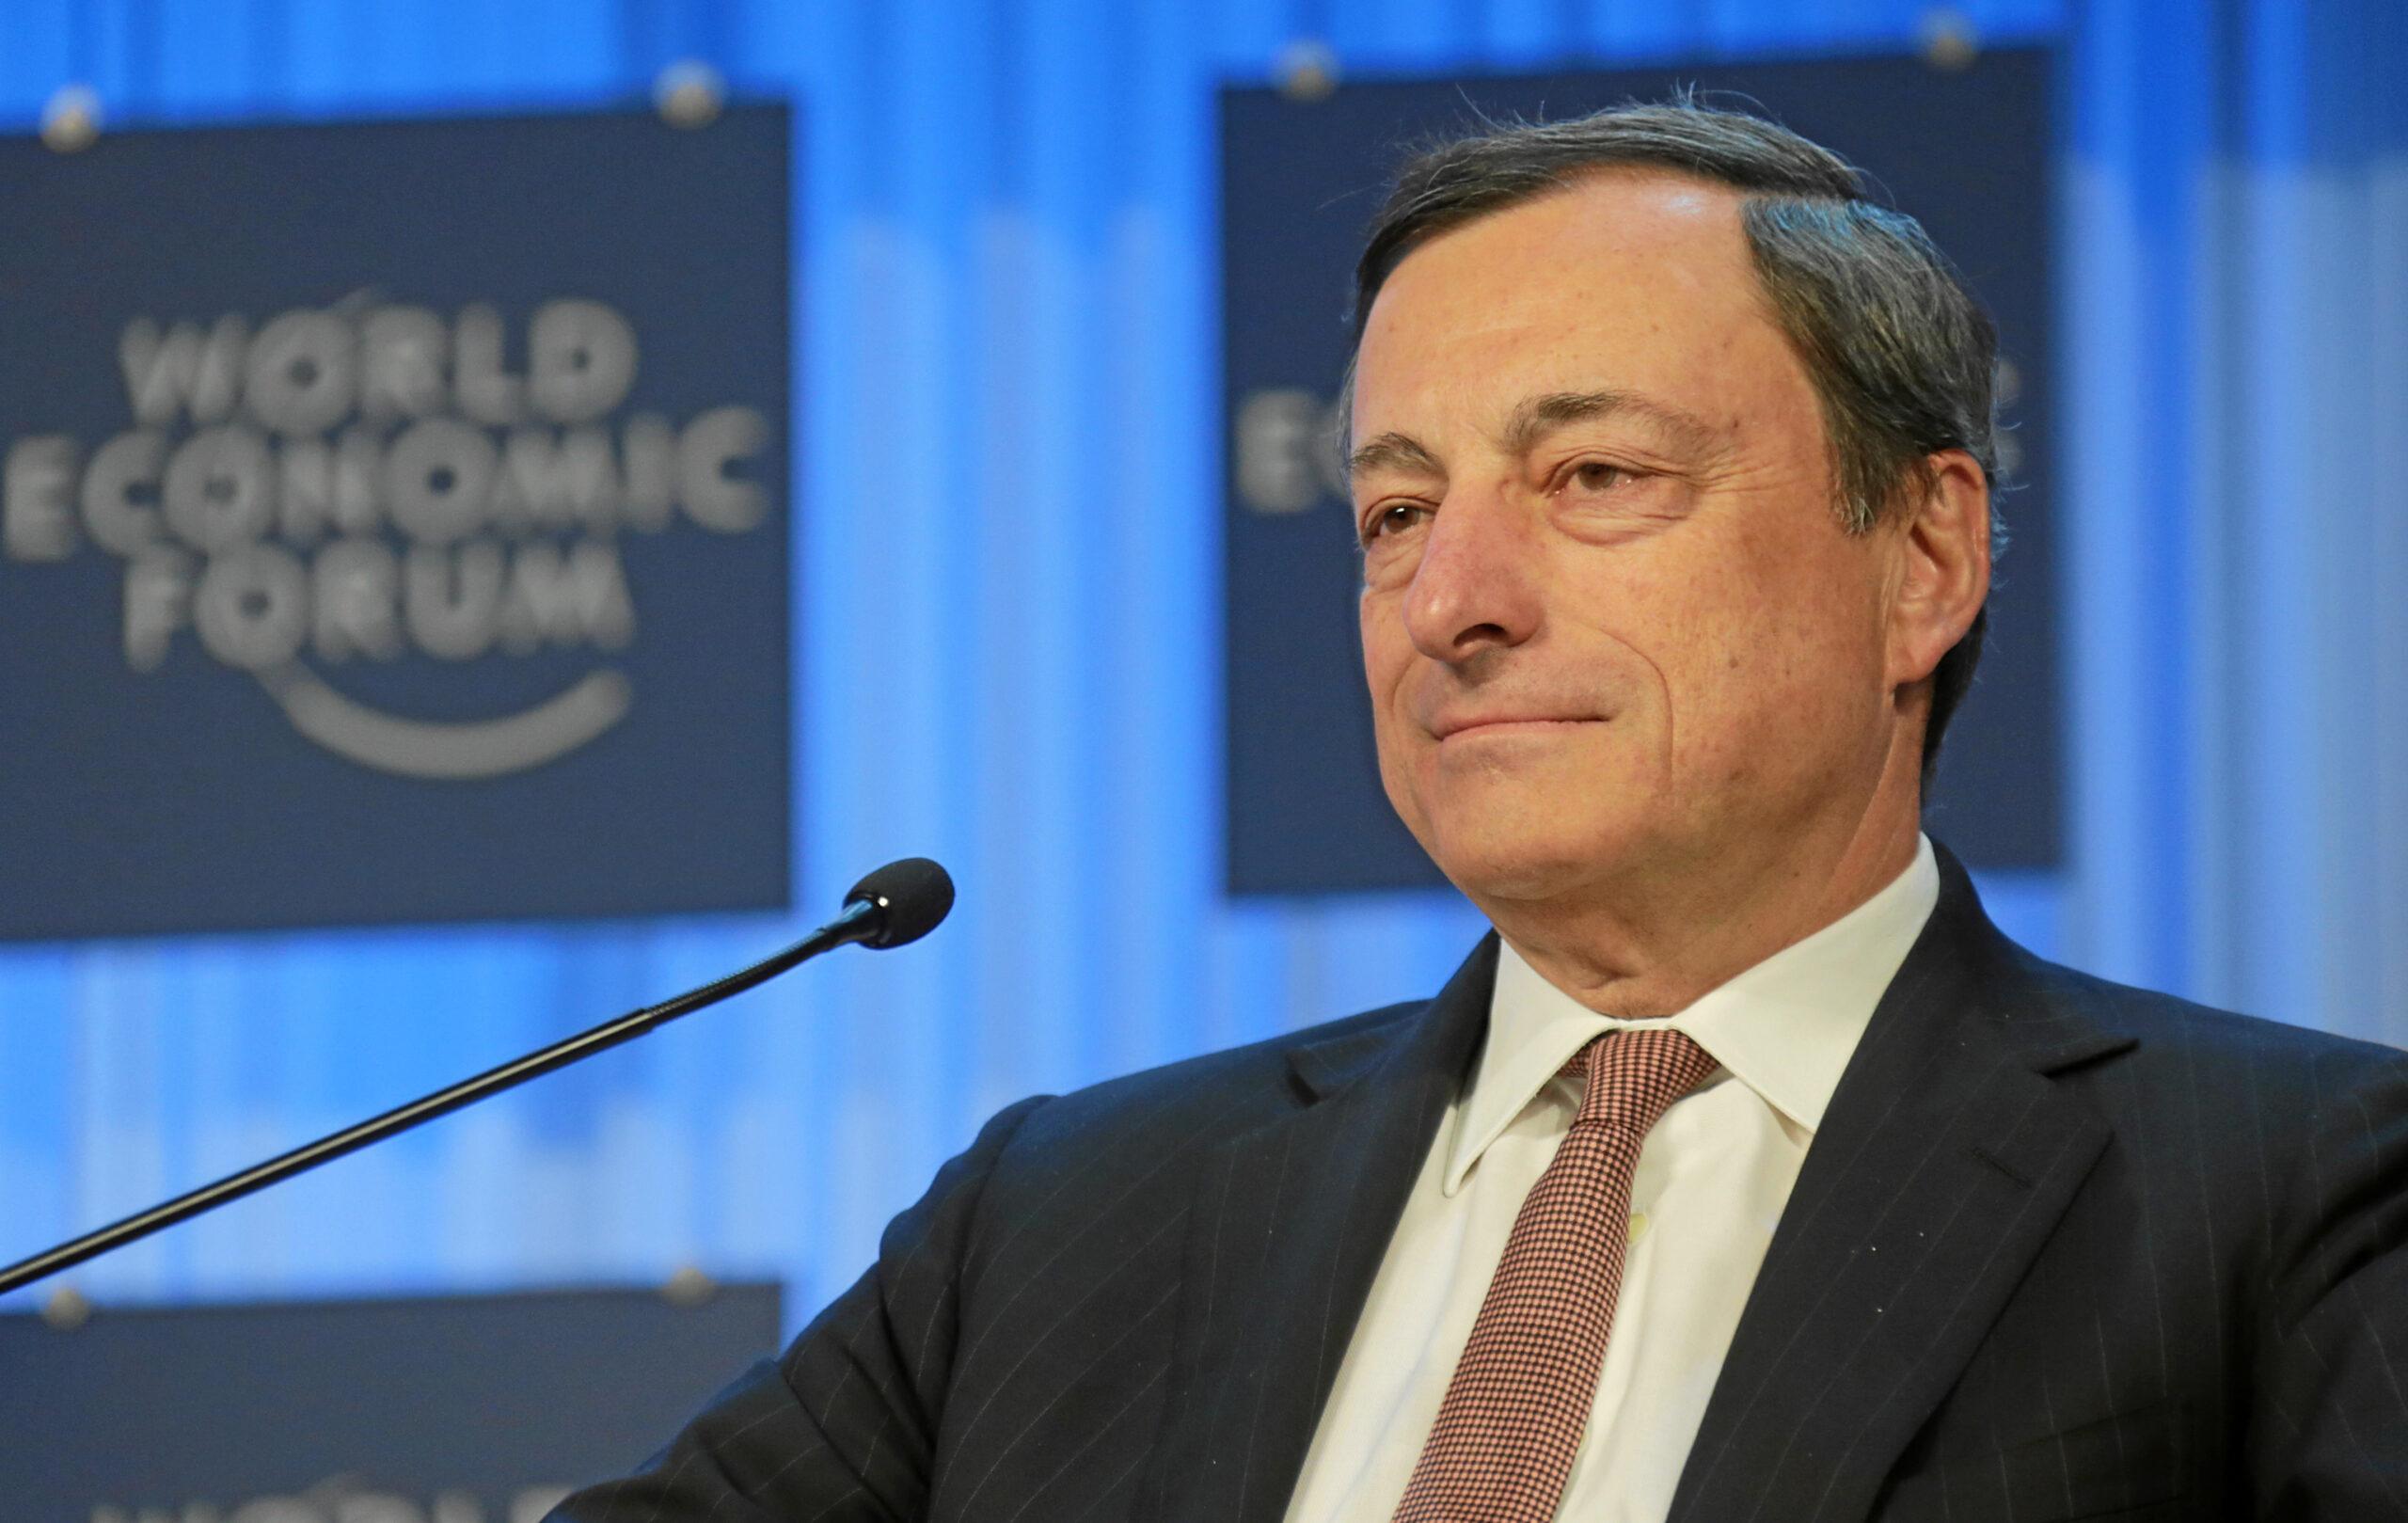 Vincitori e vinti: il Governo Draghi e gli equilibri politici